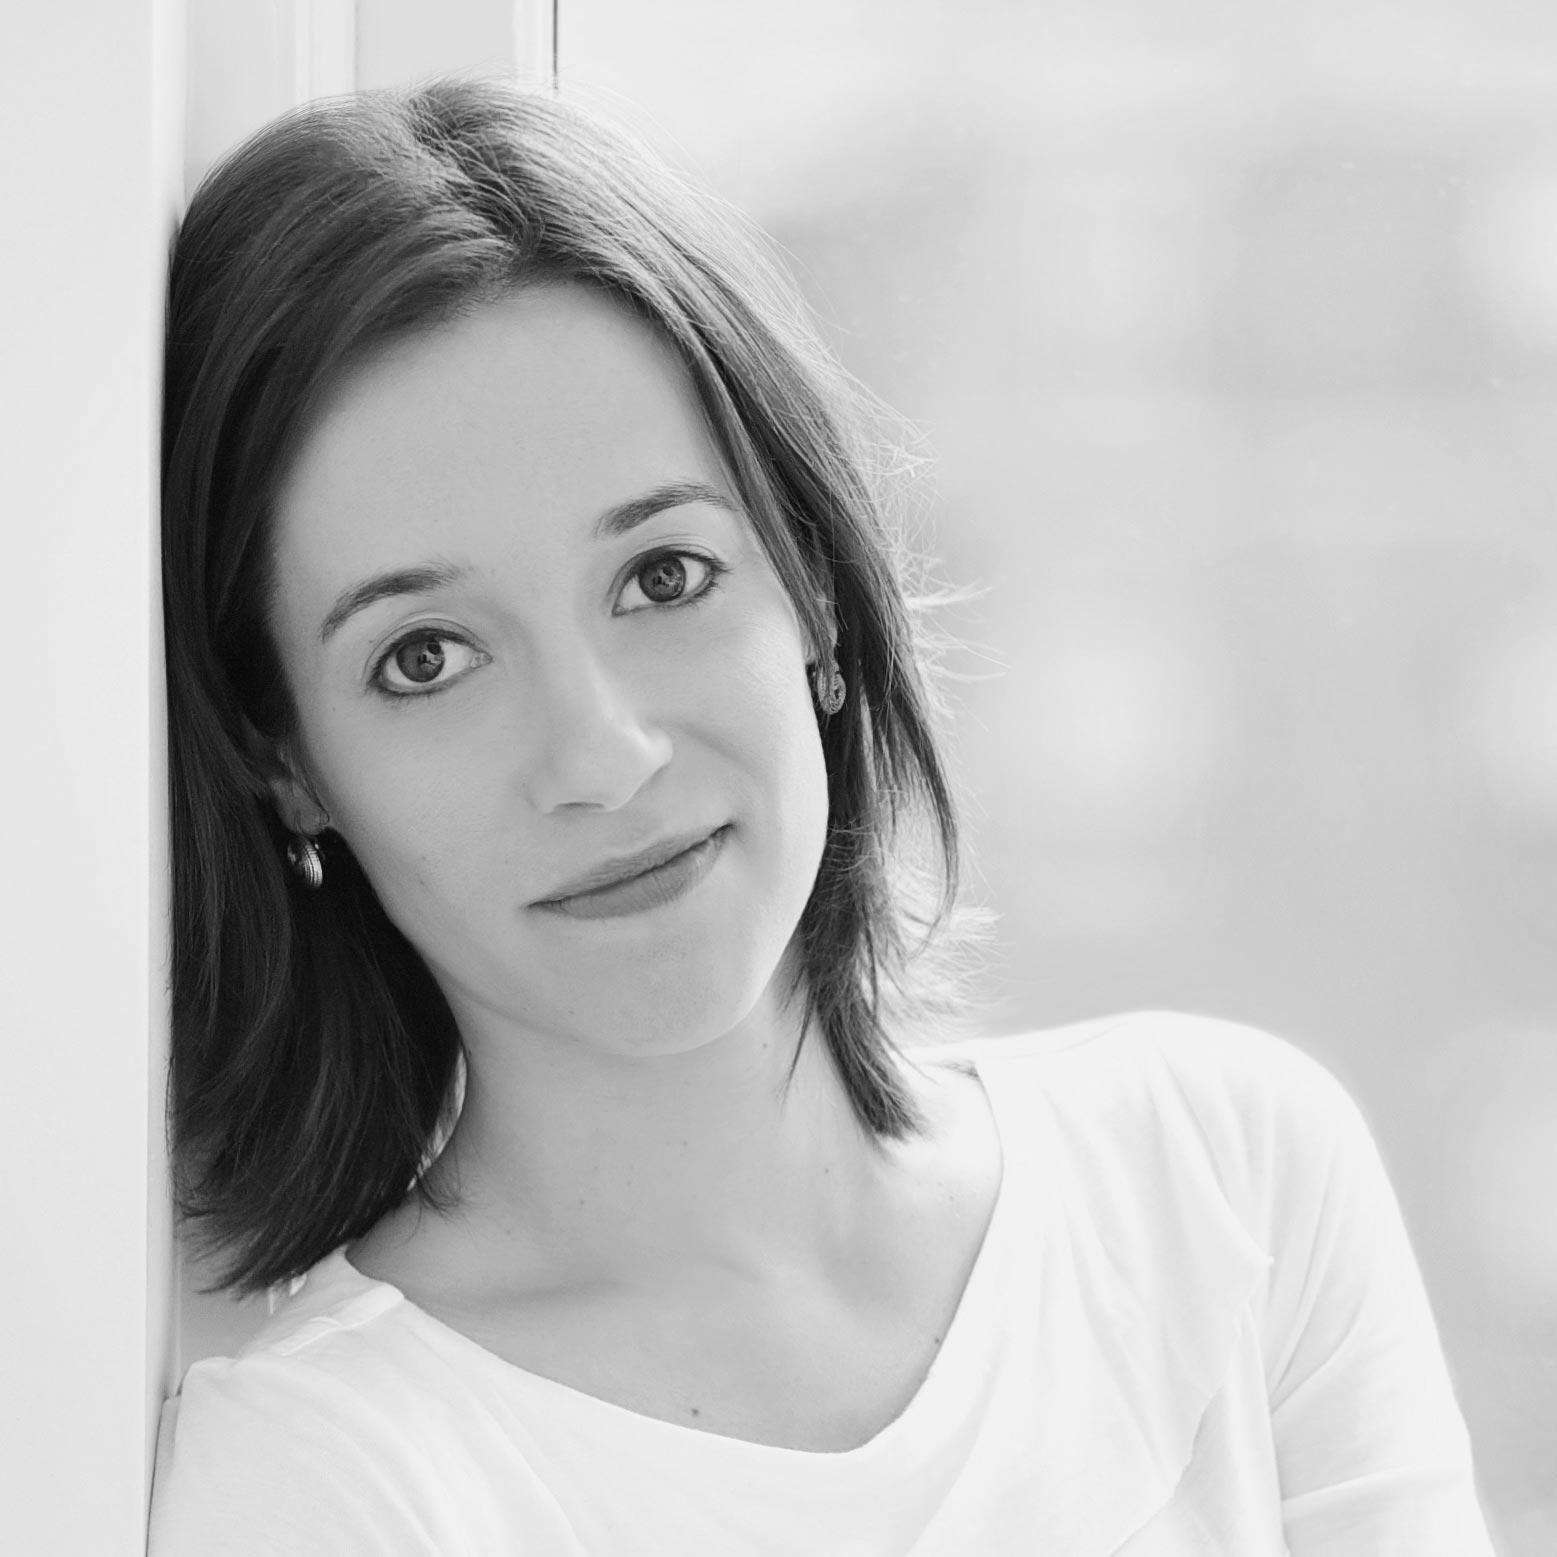 Romie de Guise-Langlois - clarinet